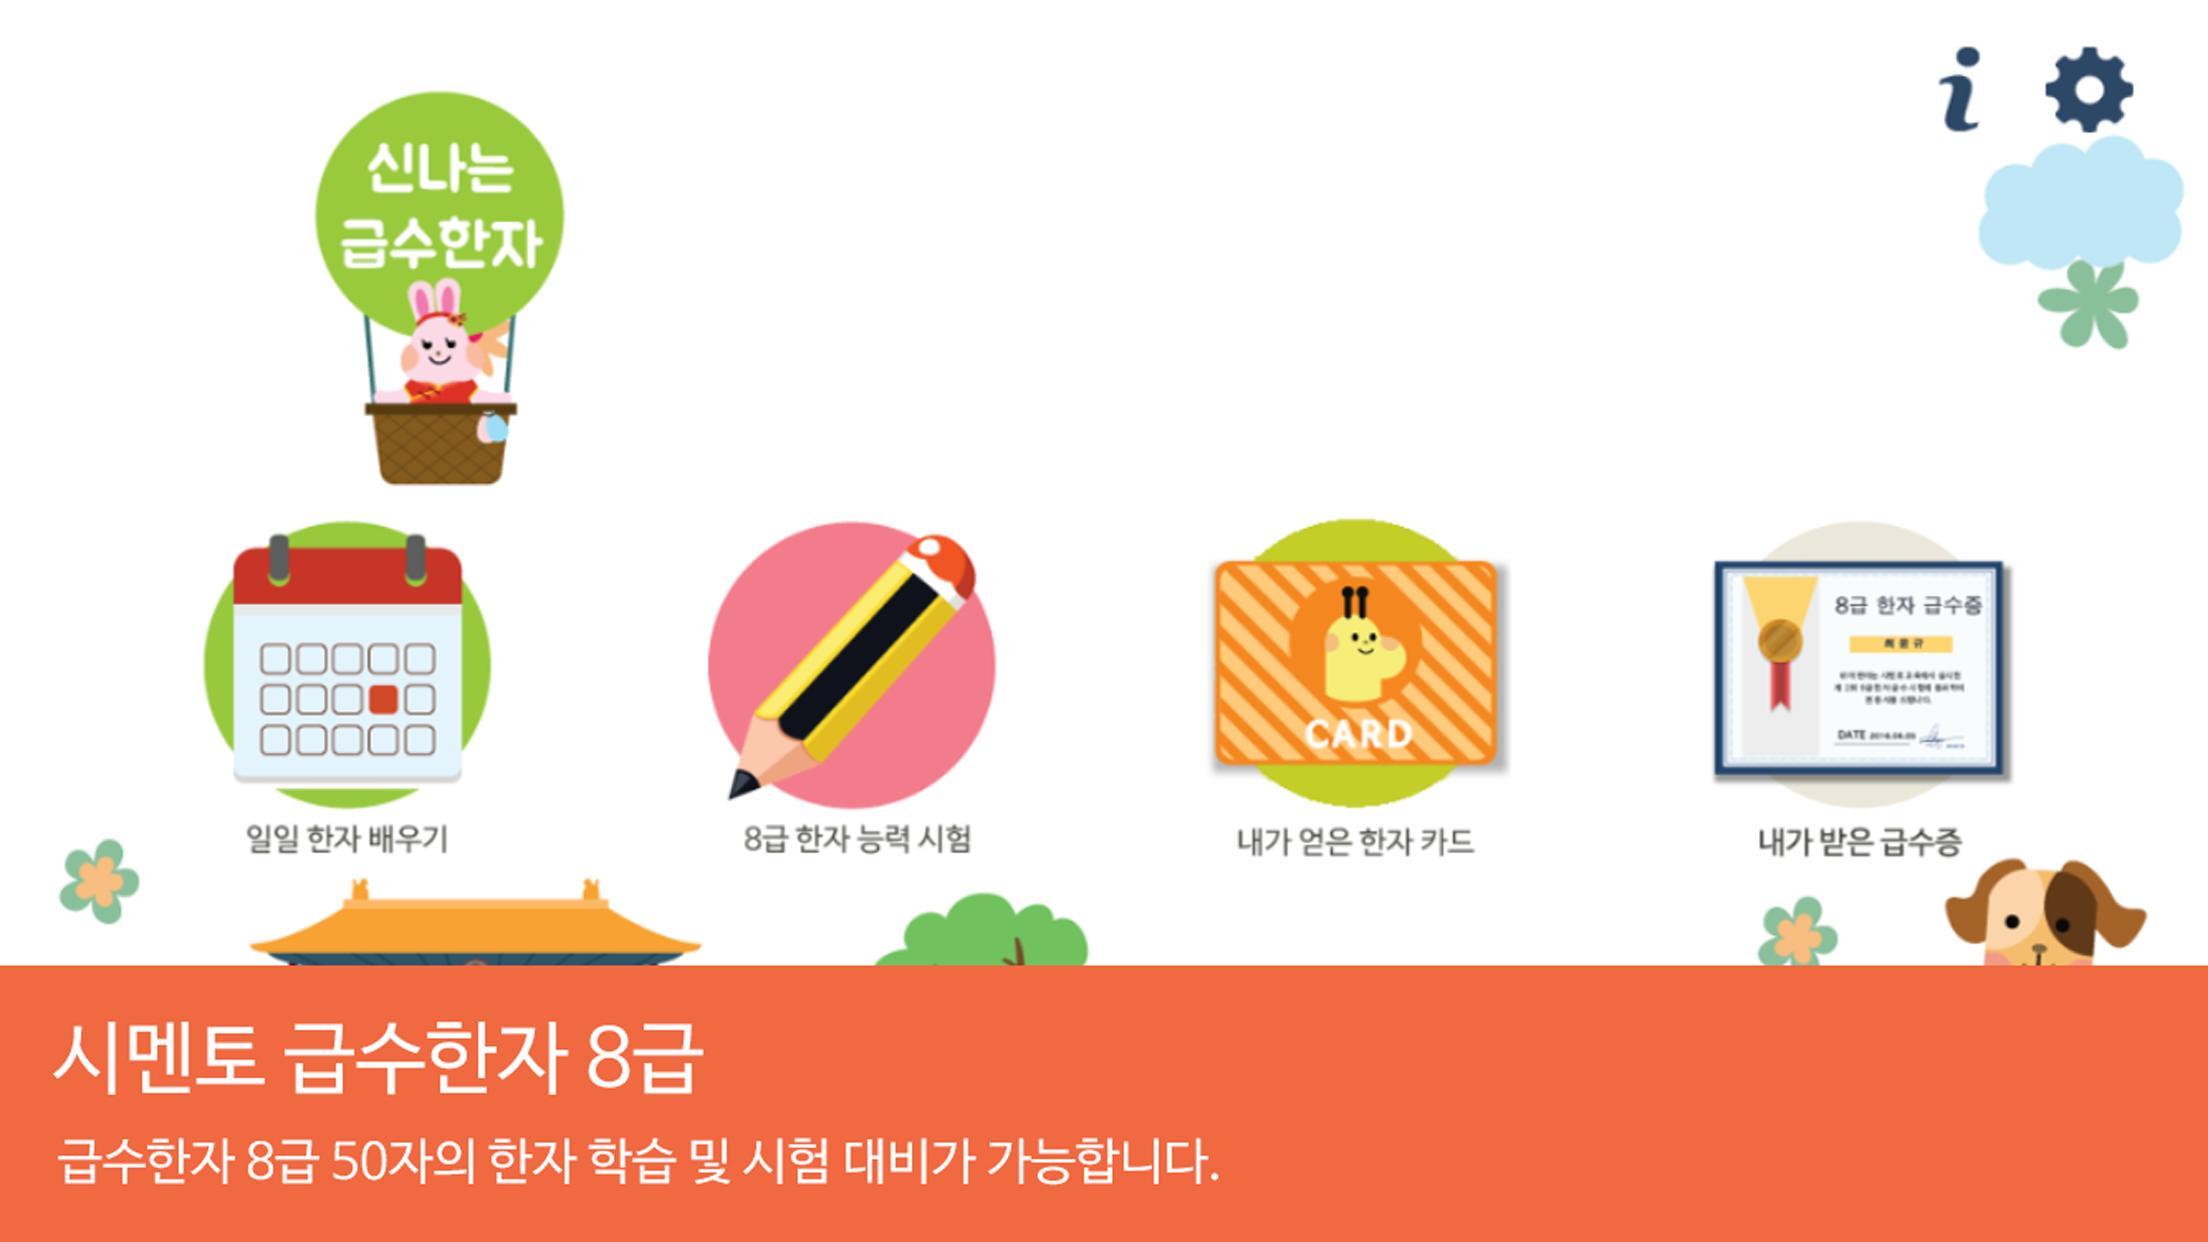 시멘토 교육앱 급수한자 8급(기출문제 제공) 1.5.0 Screenshot 1